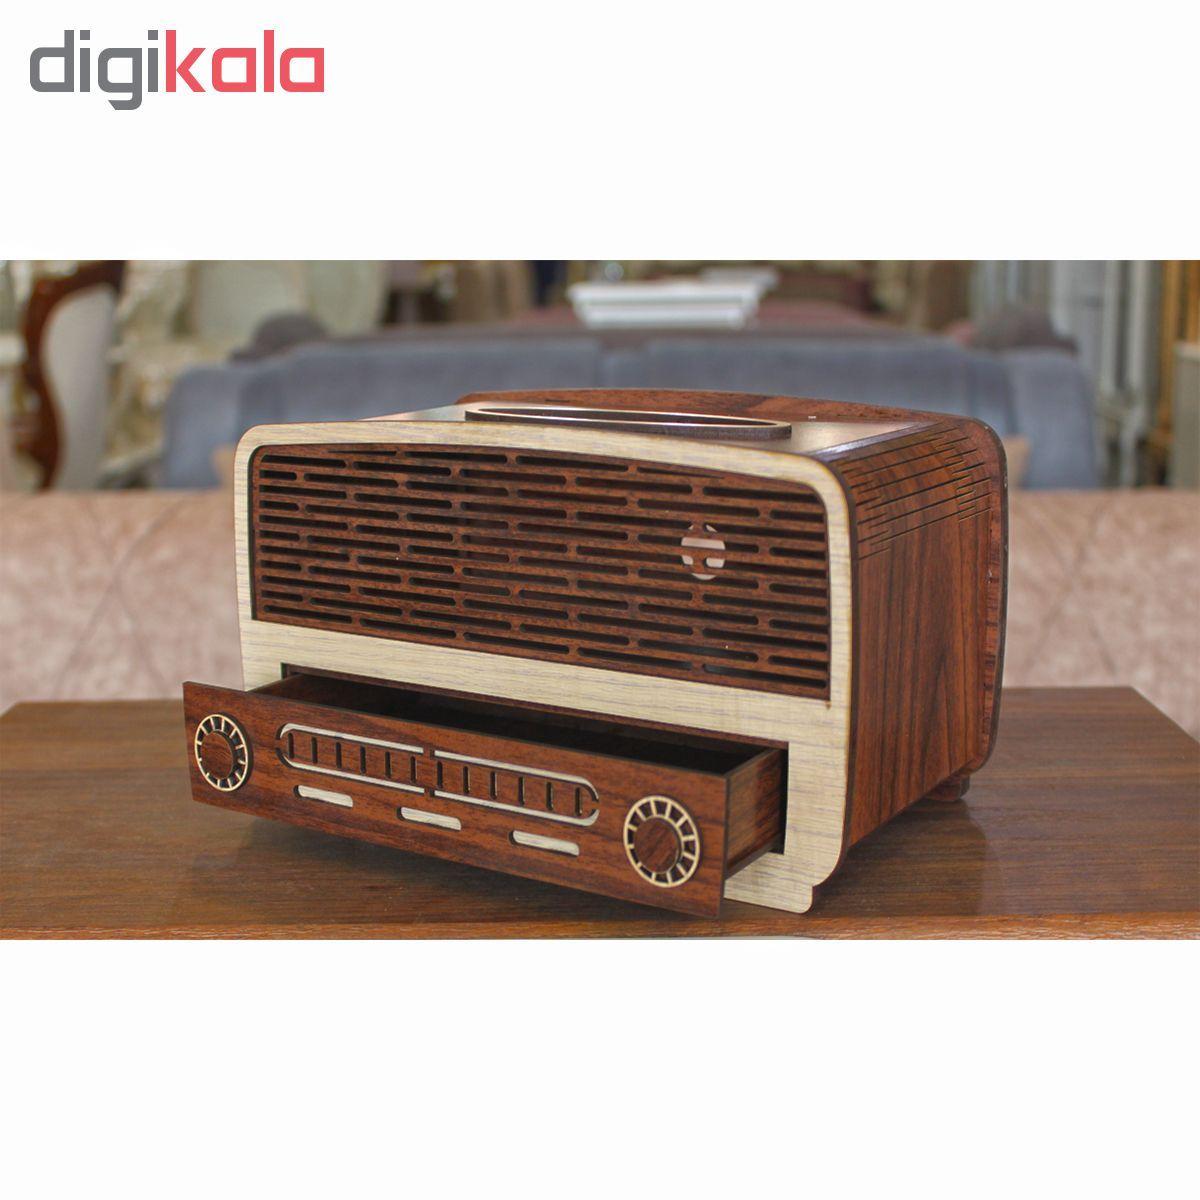 جعبه دستمال کاغذی طرح رادیو کد drk1 main 1 2